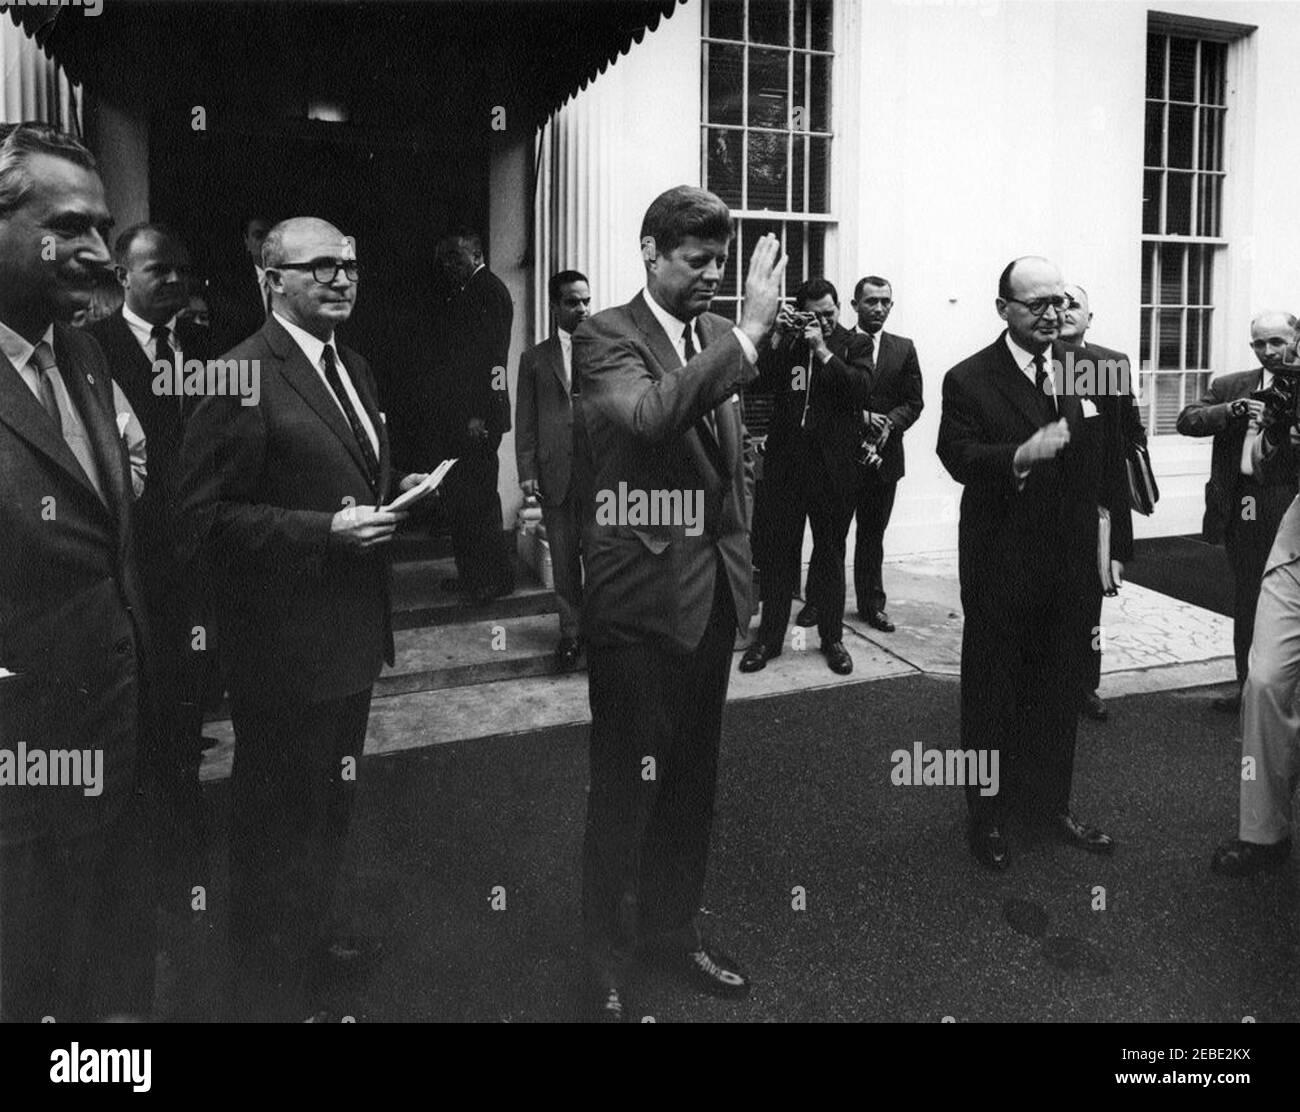 Encuentro con el Dr. Manuel Prado Ugarteche, Presidente del Perú, 10:05AM. El Presidente John F. Kennedy y otros se preparan para saludar al Presidente Manuel Prado Ugarteche del Perú fuera de la Casa Blanca, Washington, D.C., Dave Powers, Asistente Especial del Presidente Kennedy, está a la izquierda del Presidente Kennedy (cuaderno de espera); el Subsecretario de Estado para Asuntos Interamericanos Robert F. Woodward está a la derecha del Presidente Kennedy. También en la foto: Agentes del Servicio Secreto, Stewart u0022Stuu0022 Stout y Richard u0022Dicku0022 Johnsen. Foto de stock